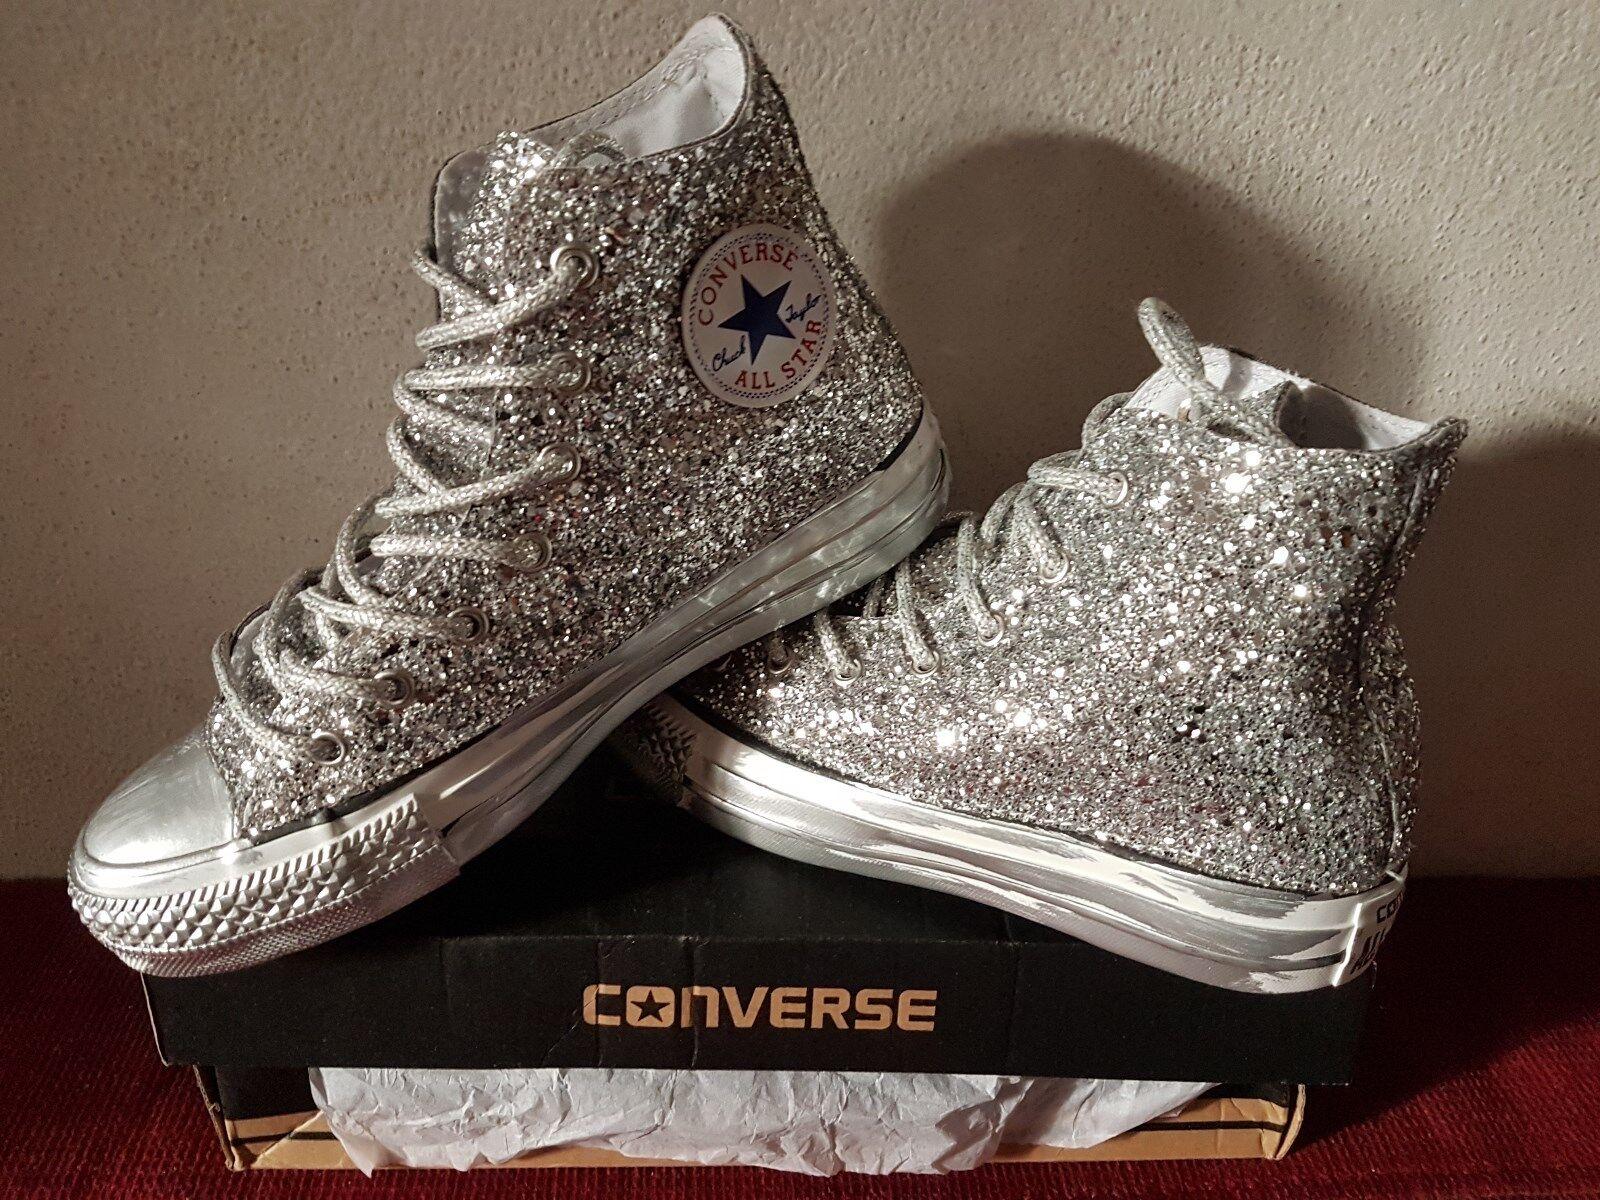 converse all star con glitter argento completa completa completa e con lacci argentati e sporcatur 2d4c0e